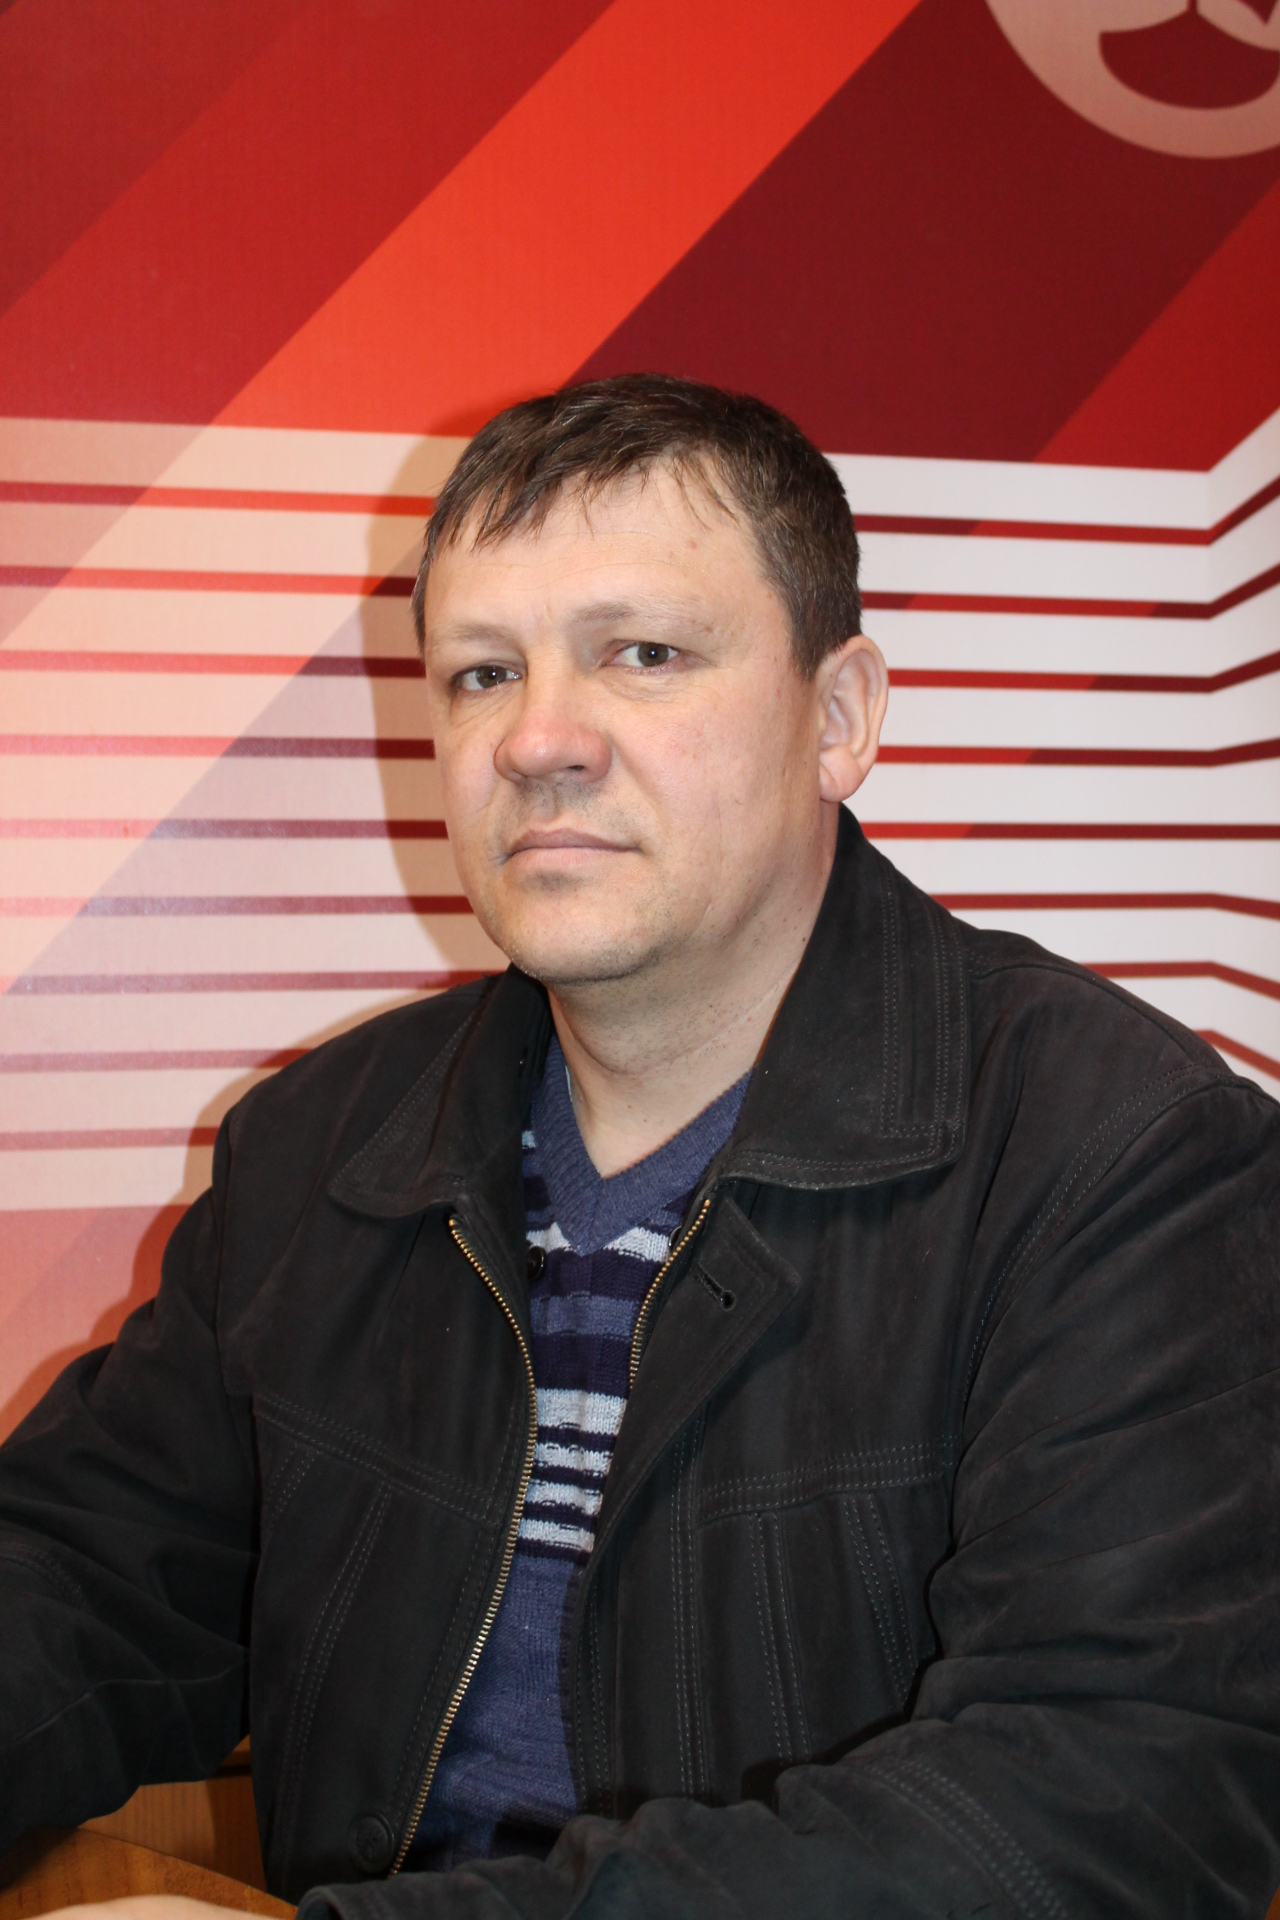 Сергей Кузнецов: Смысла играть нет — вечно буду обманут